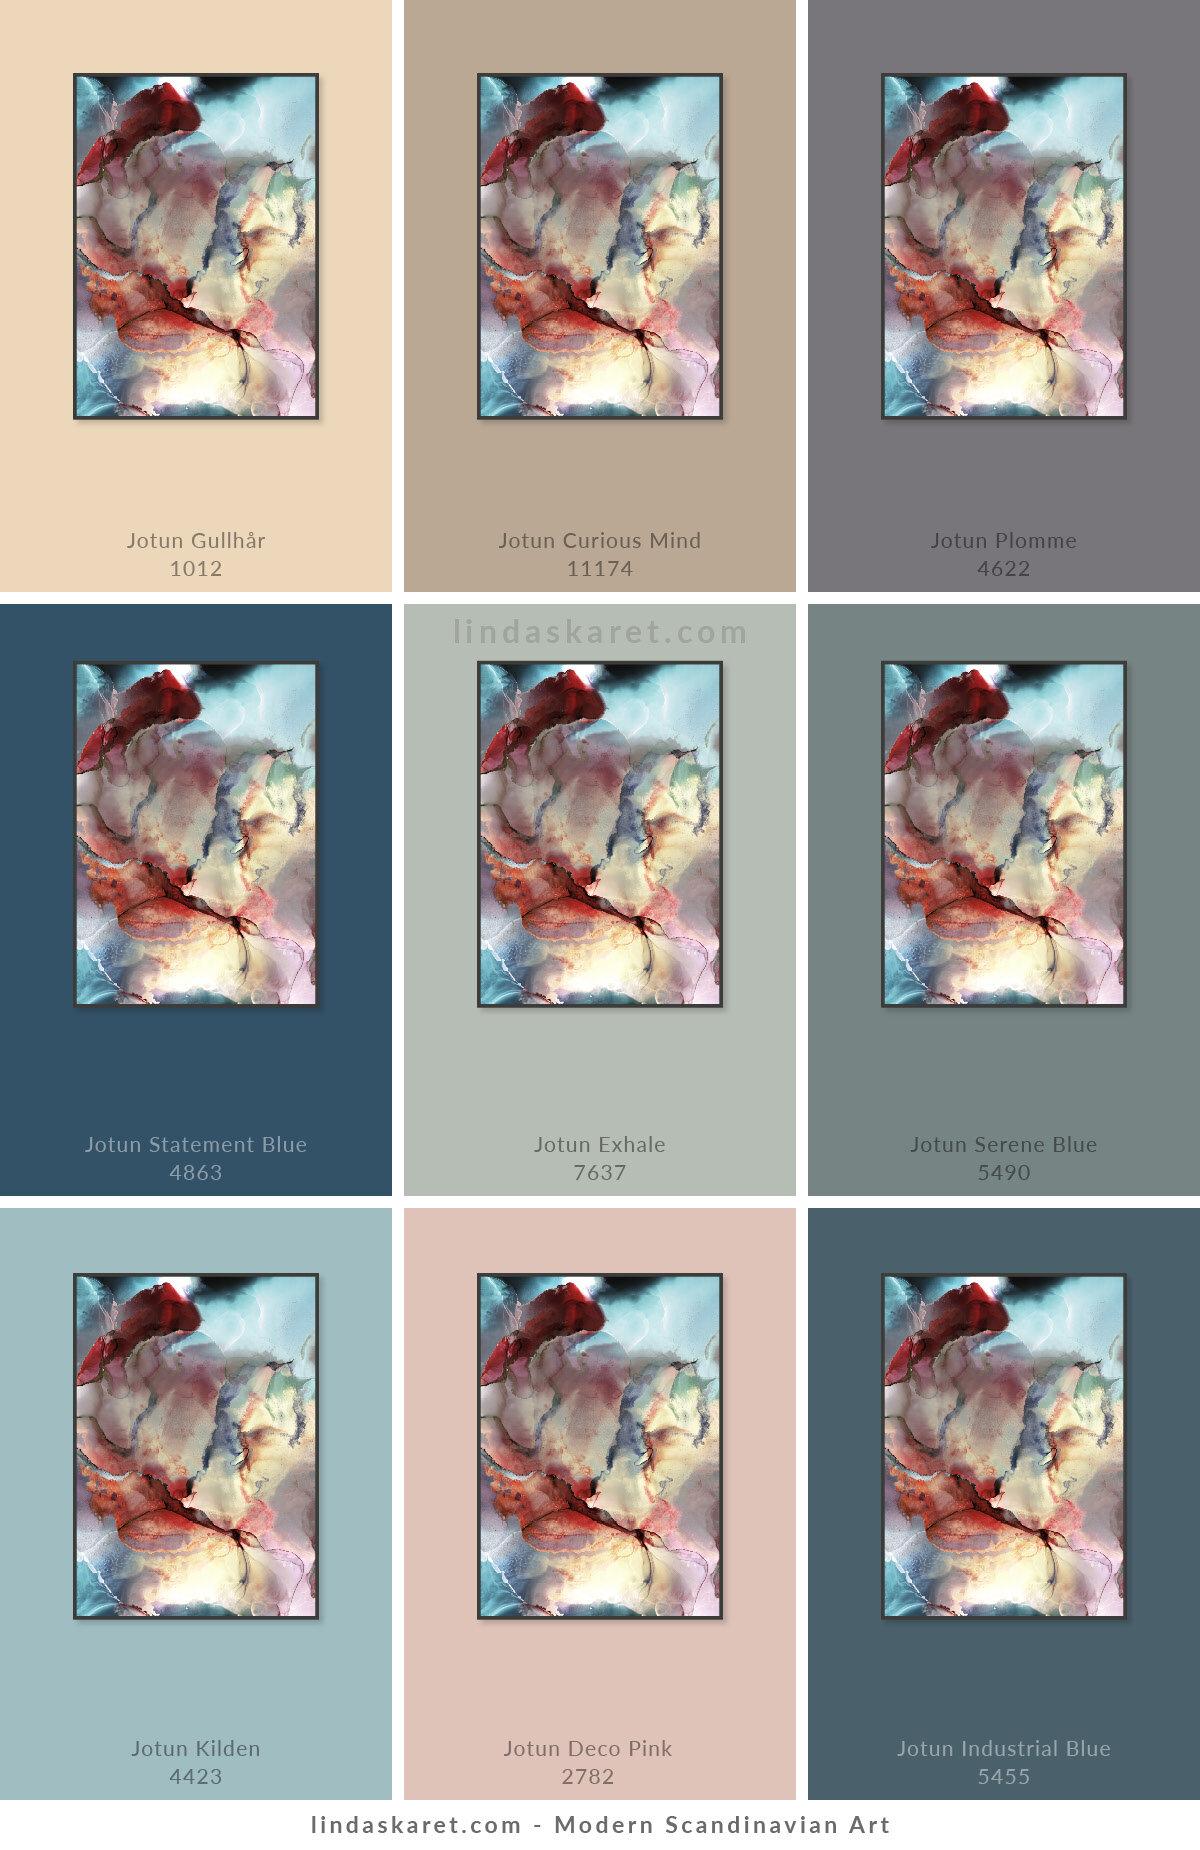 Om du vil se nærmere på hver enkelt av fargene fra Jotun Lady kan du klikke deg inn på dem her:  Gullhår ,  Curious Mind ,  Plomme ,  Statement Blue ,  Exhale ,  Serene Blue ,  Kilden ,  Deco Pink ,  Industrial Blue . Flere av disse fargene hører til Jotun sitt fargekart for våren 2020 - se katalogen til Jotun Lady 2020  her .